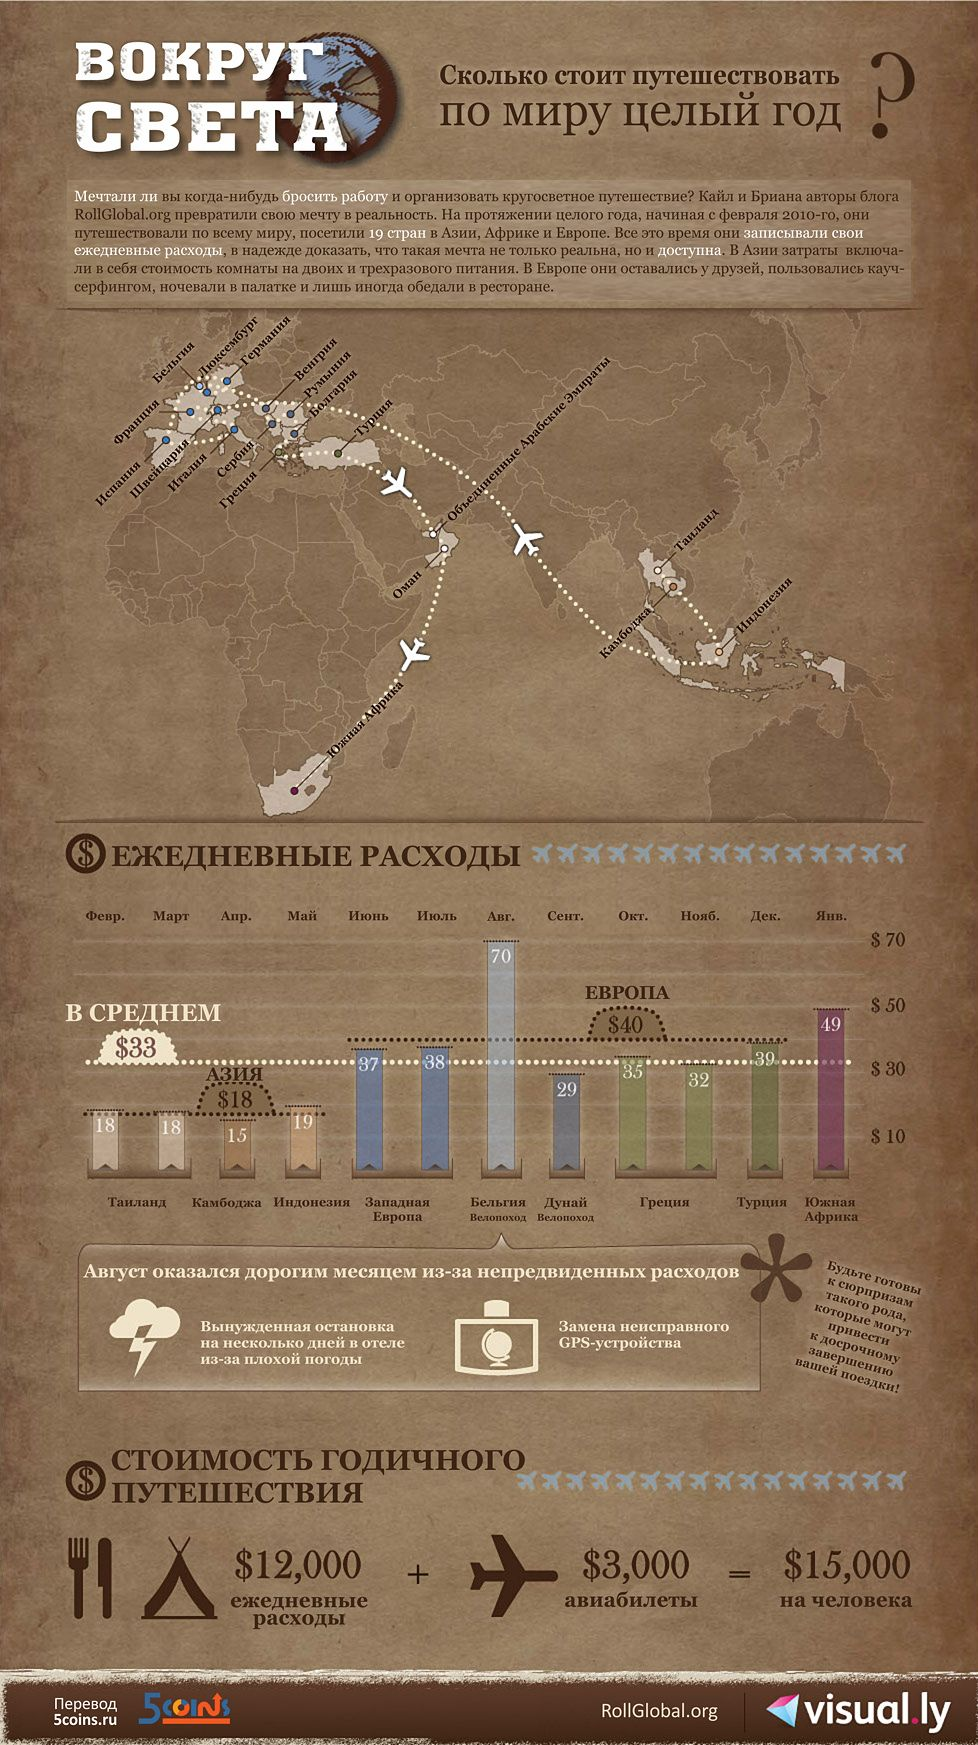 Инфографика: вокруг света